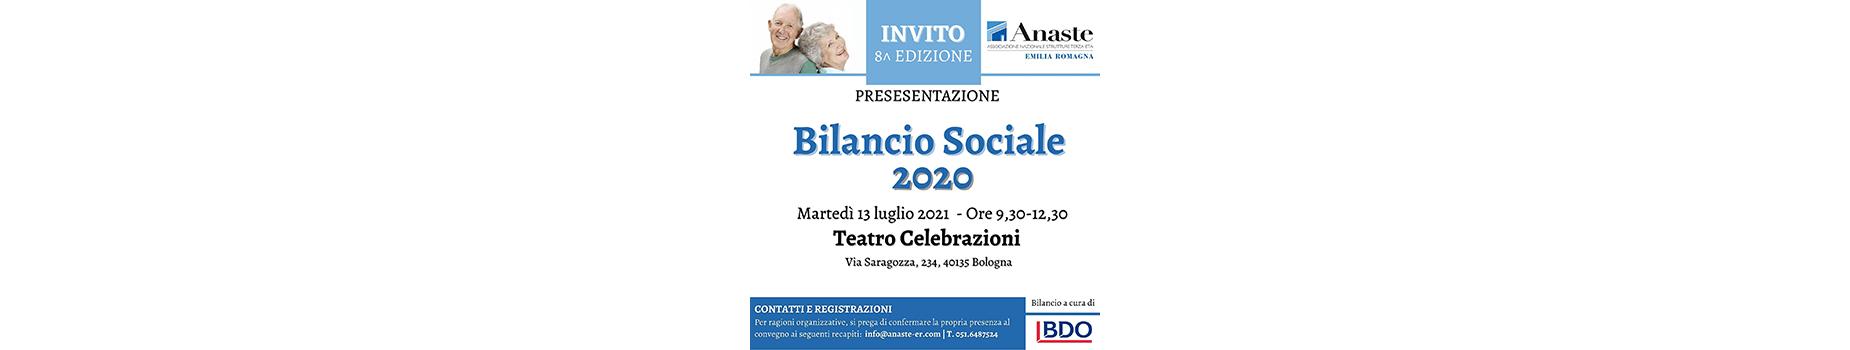 Invito-Bilancio-Sociale-Anaste-_-13-luglio-2021-Teatro-Celebrazioni